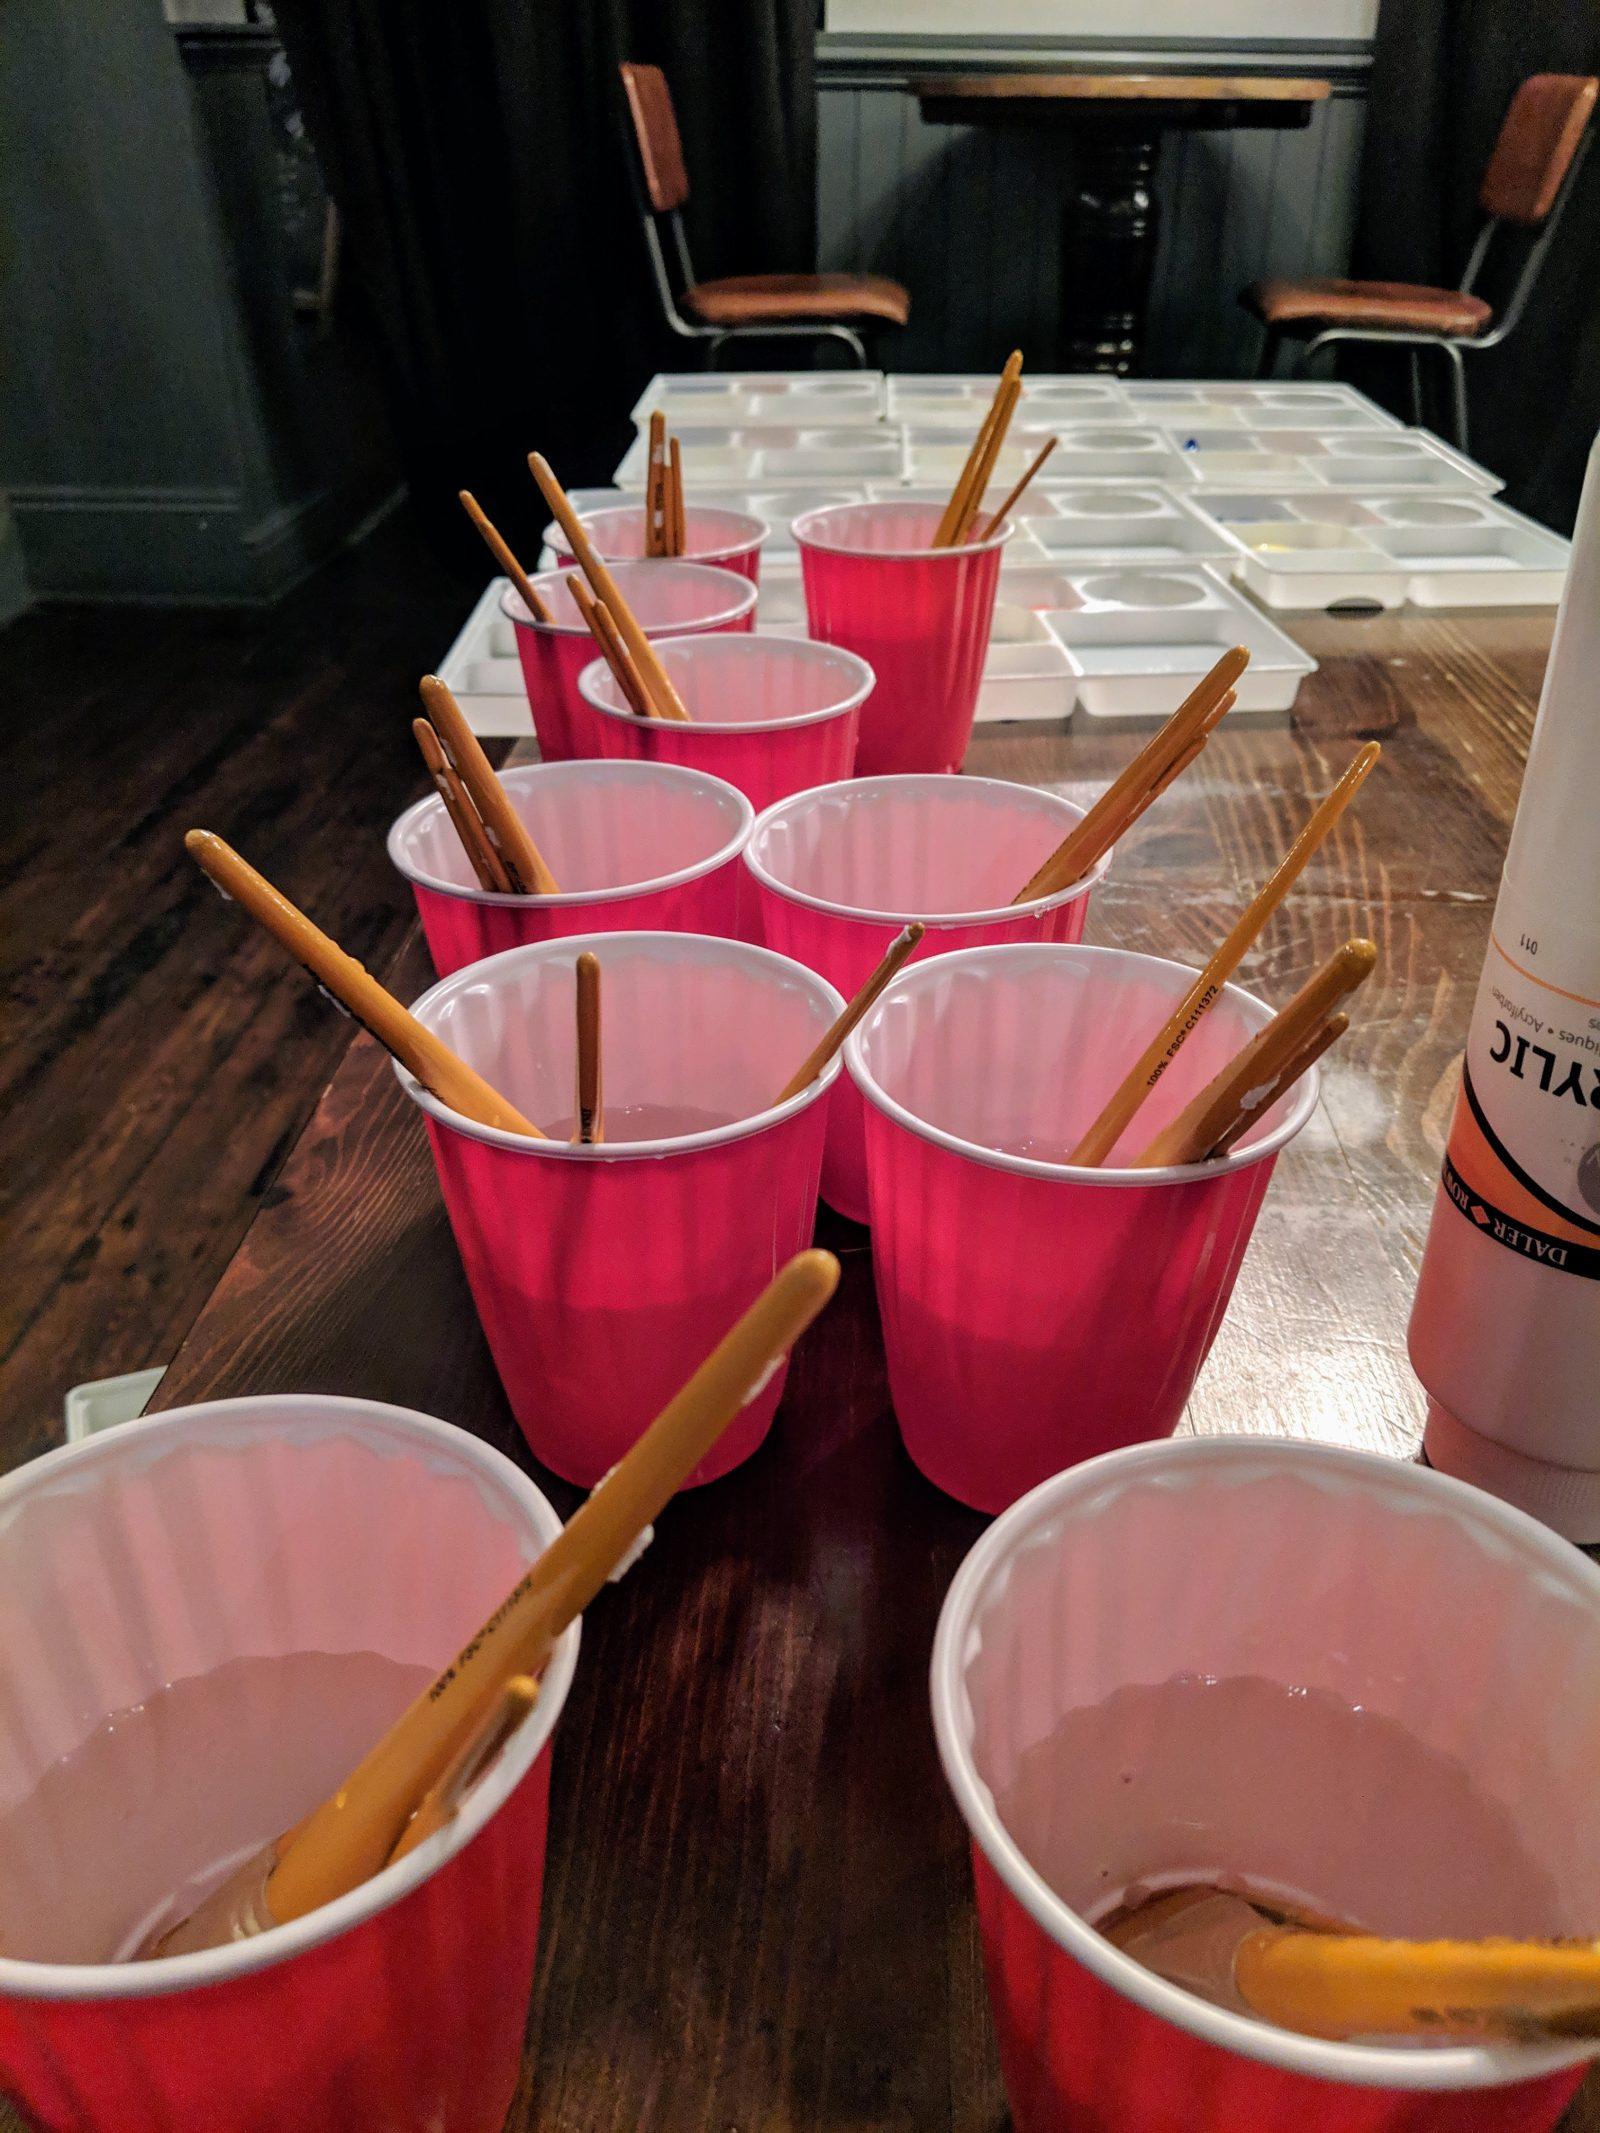 paint pots at paint republic